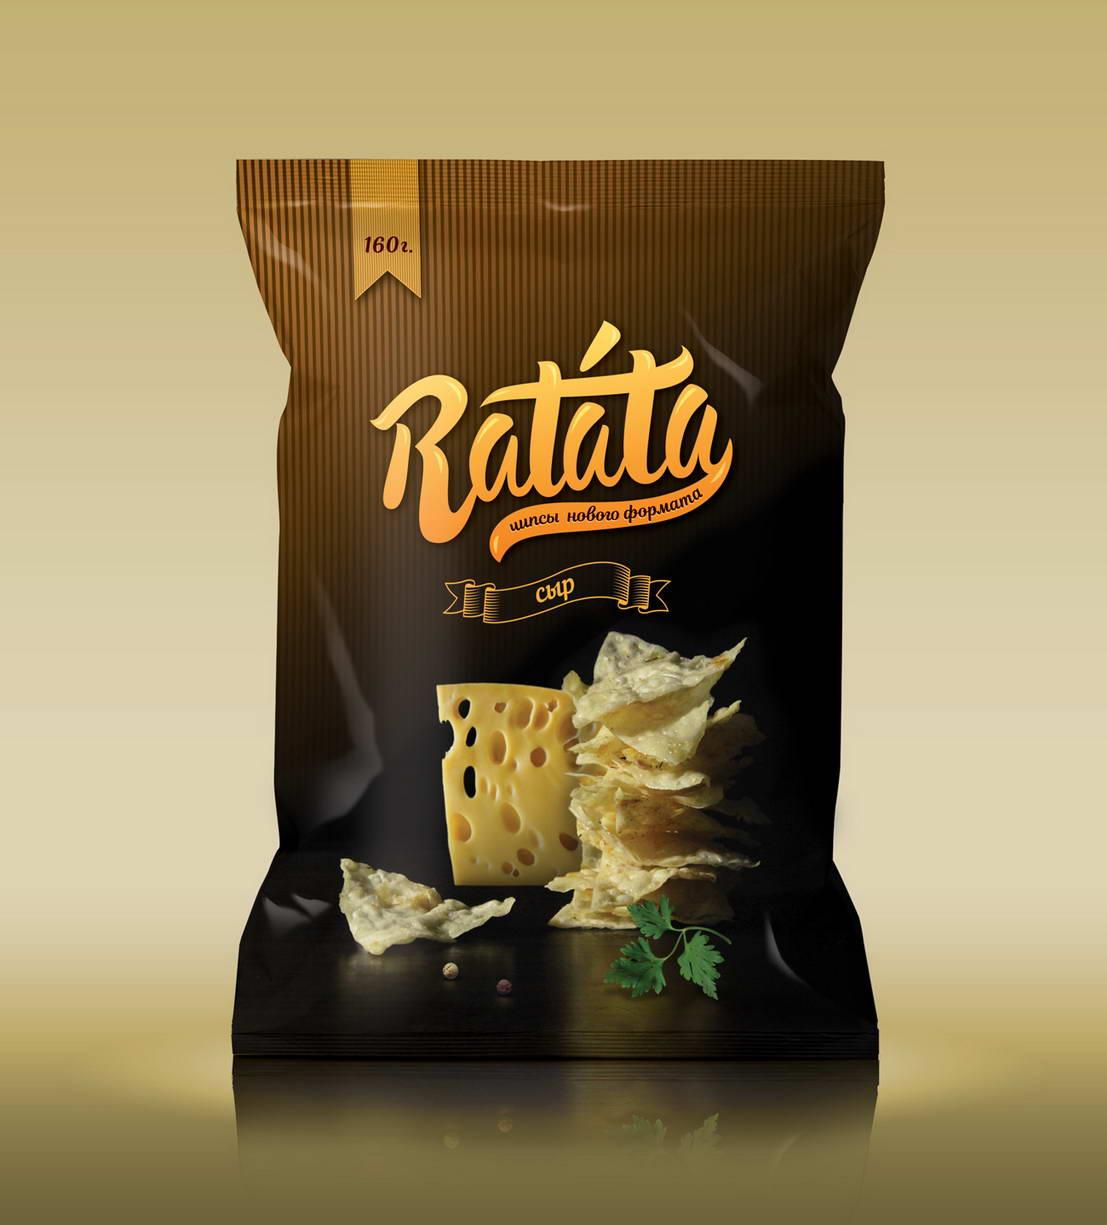 chip packaging design con Ratata formaggio